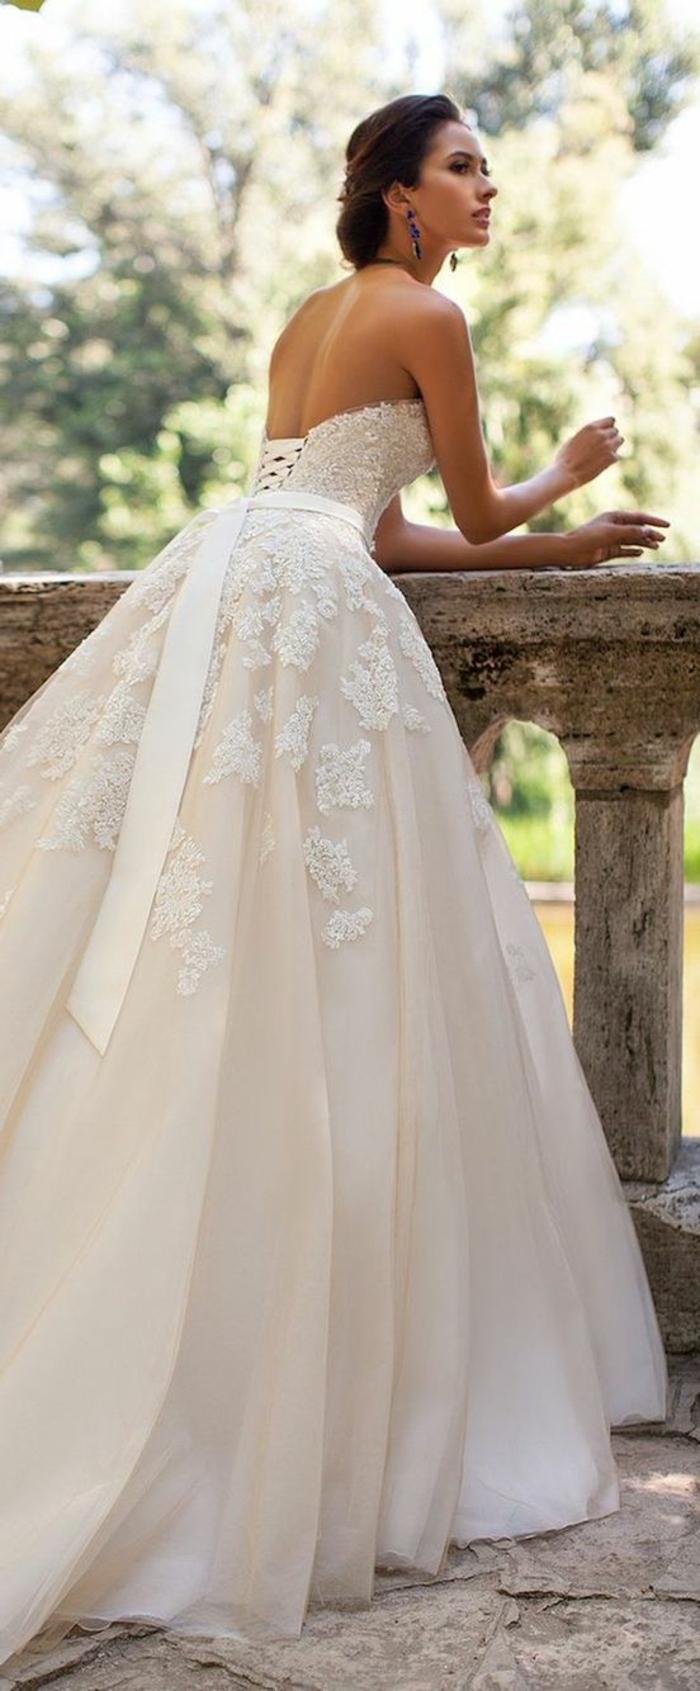 robe de mariée colorée, une robe douce avec dentelle ert lacets au dos